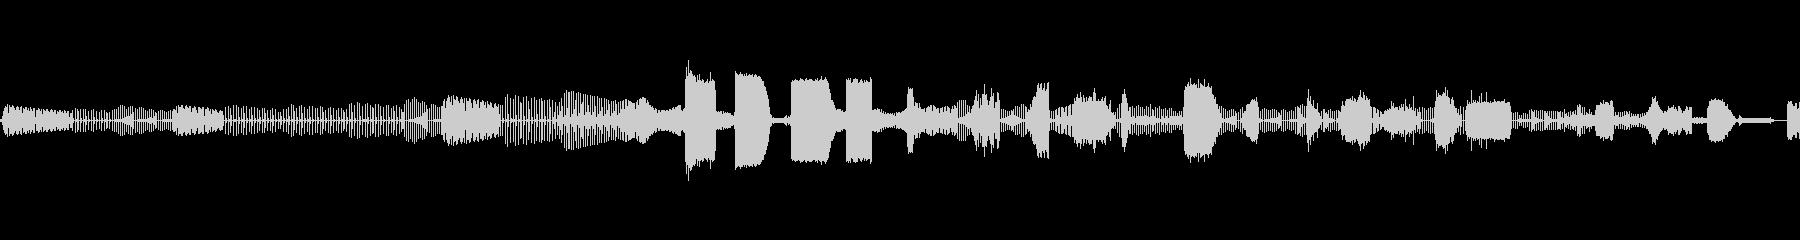 Electro EFX 3の未再生の波形